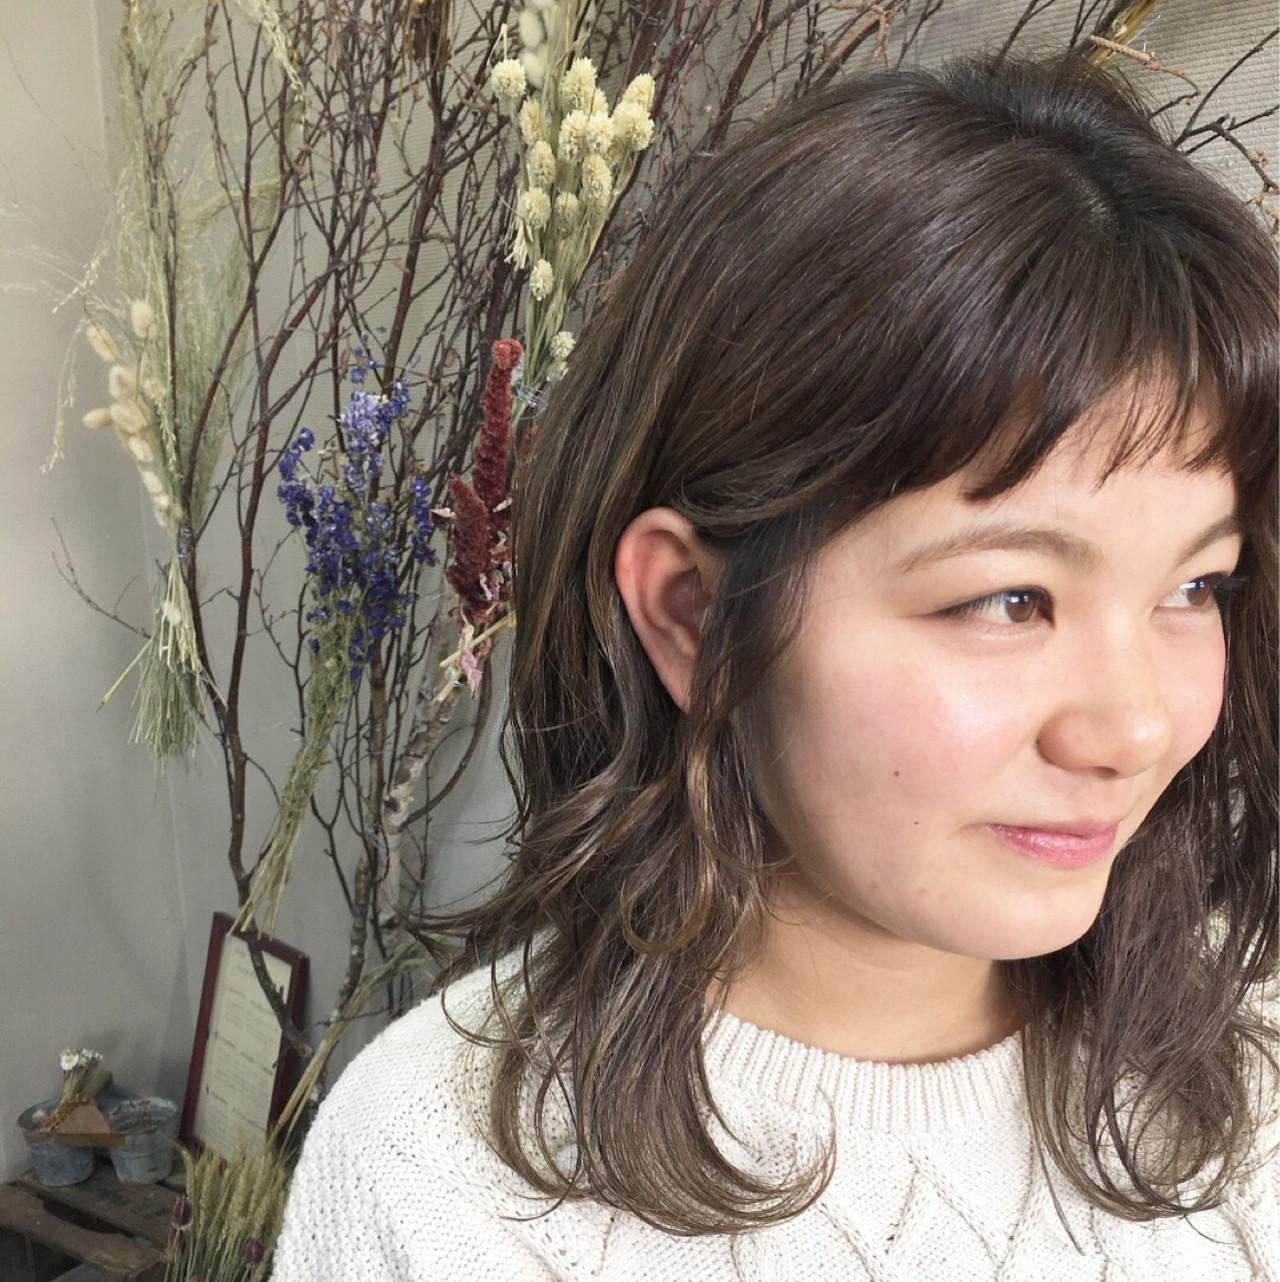 オン眉バングでキュートなボーイッシュ前髪に kazue